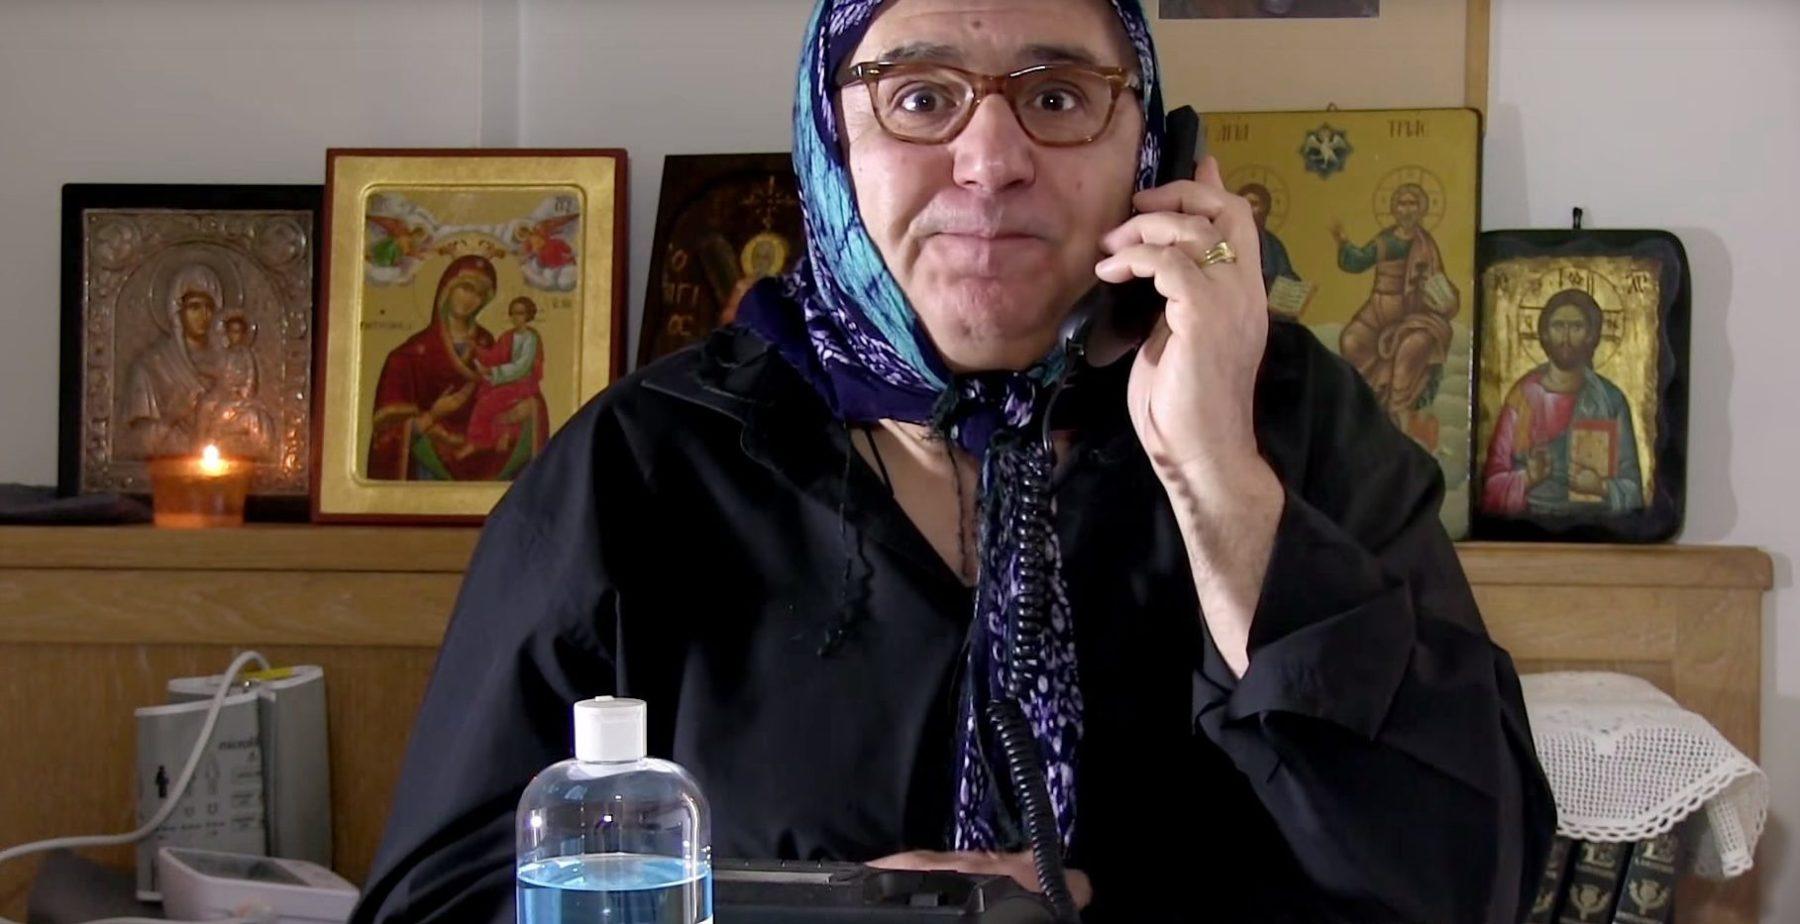 Ιεροκλής Μιχαηλίδης: «Η εκπομπή θα ονομάζεται The Grandmother γιατί αφεντικό γενικών καθηκόντων είναι η γιαγιά»